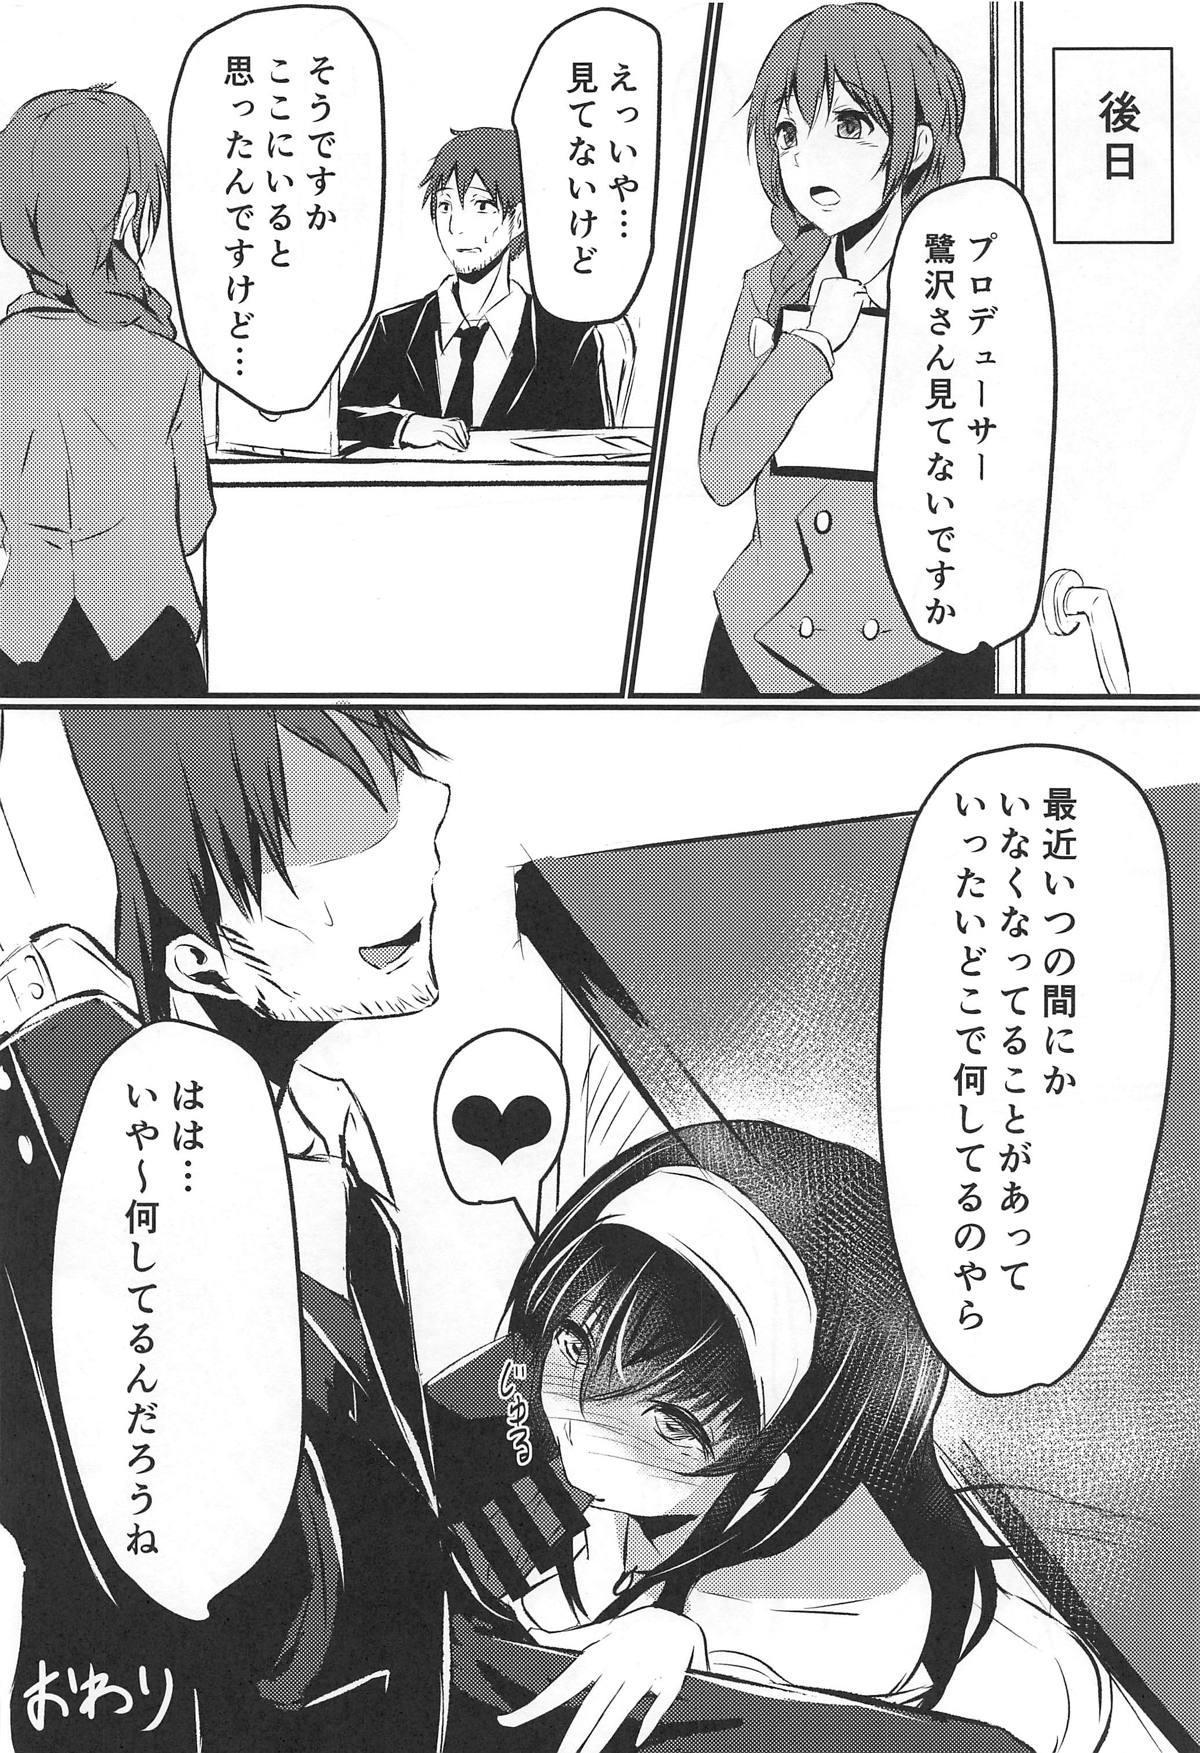 Sagisawa-san Nani Shiterun desu ka? 18